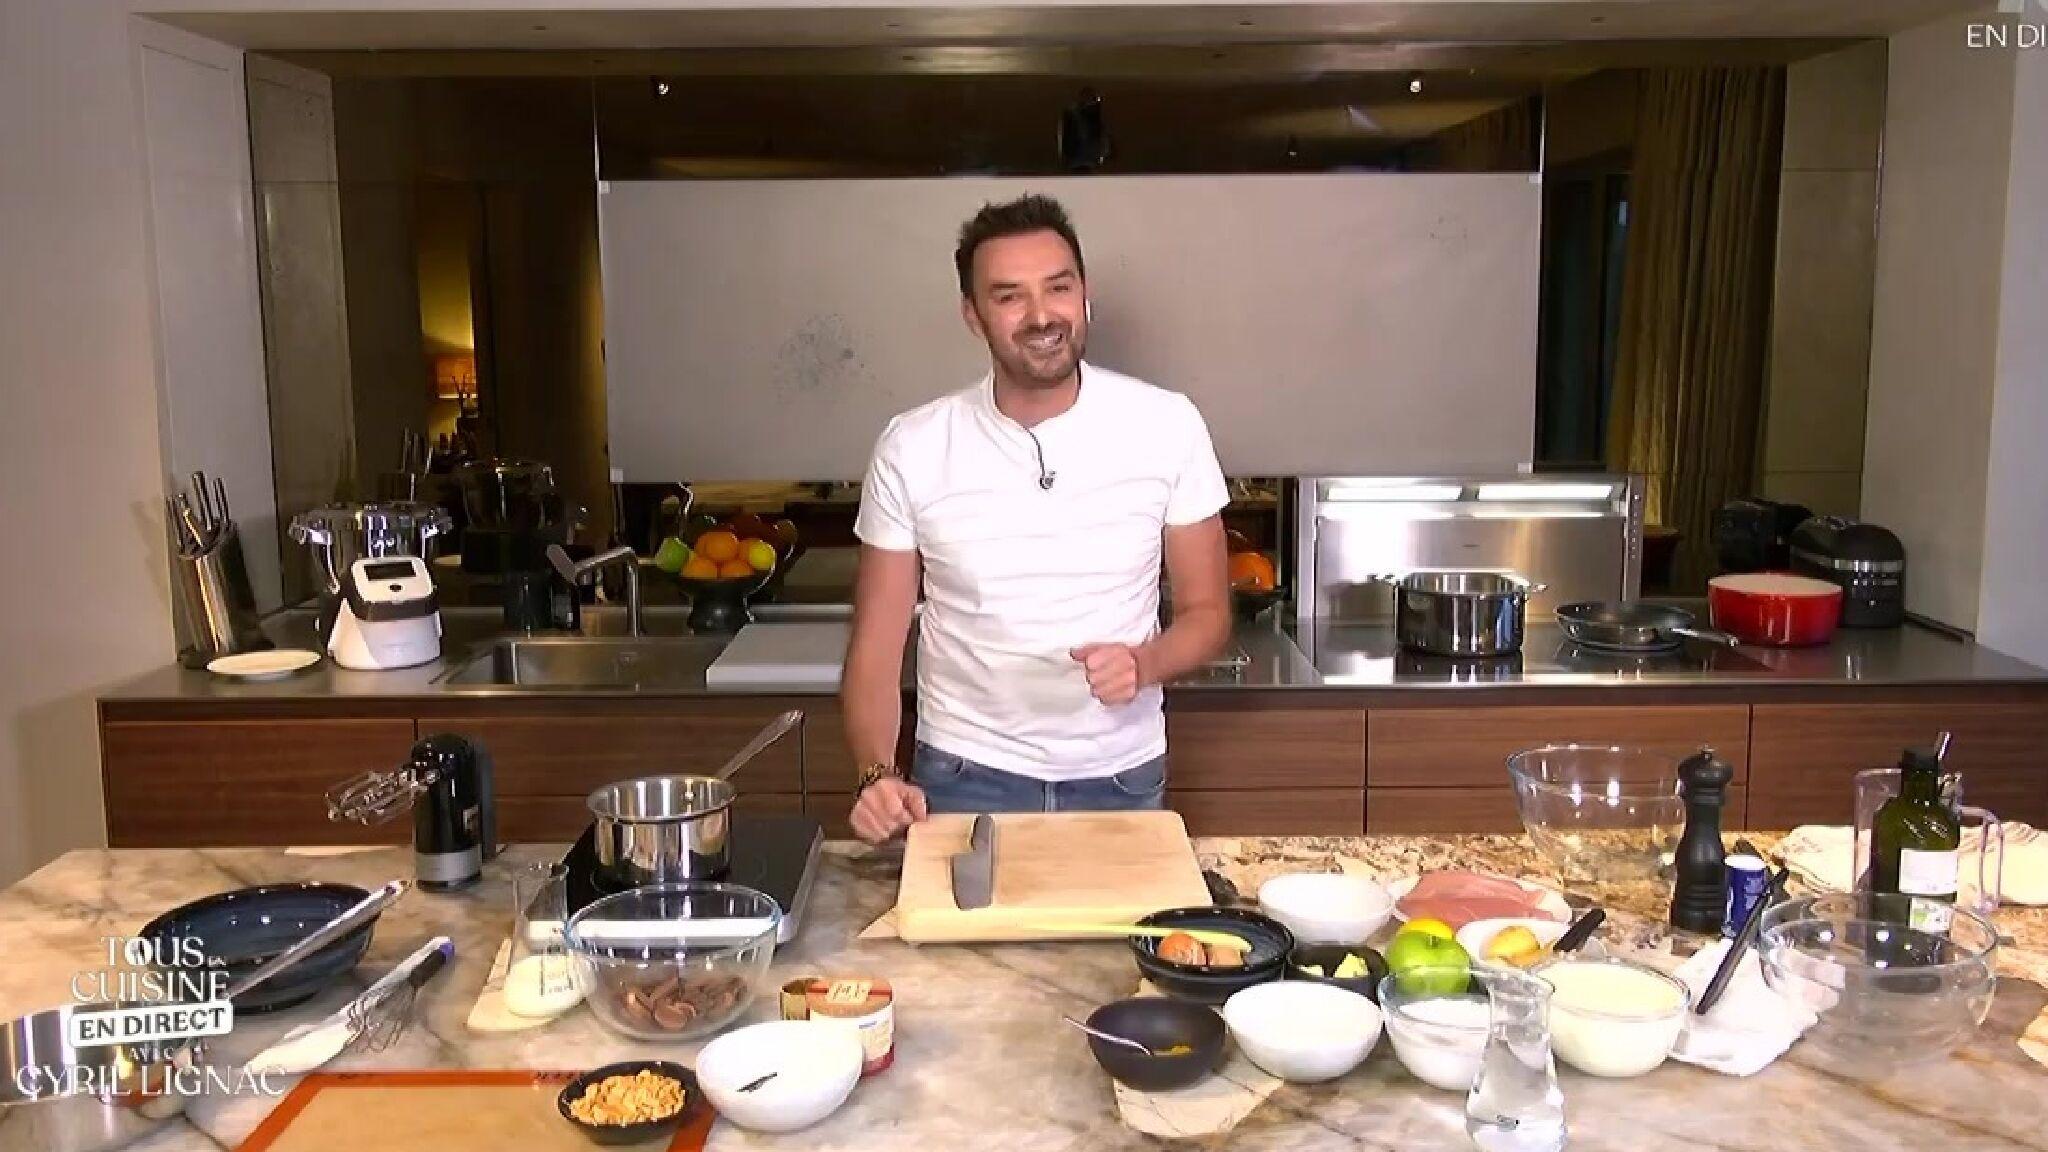 Confine Cyril Lignac Cuisinera Tous Les Jours En Direct Sur M6